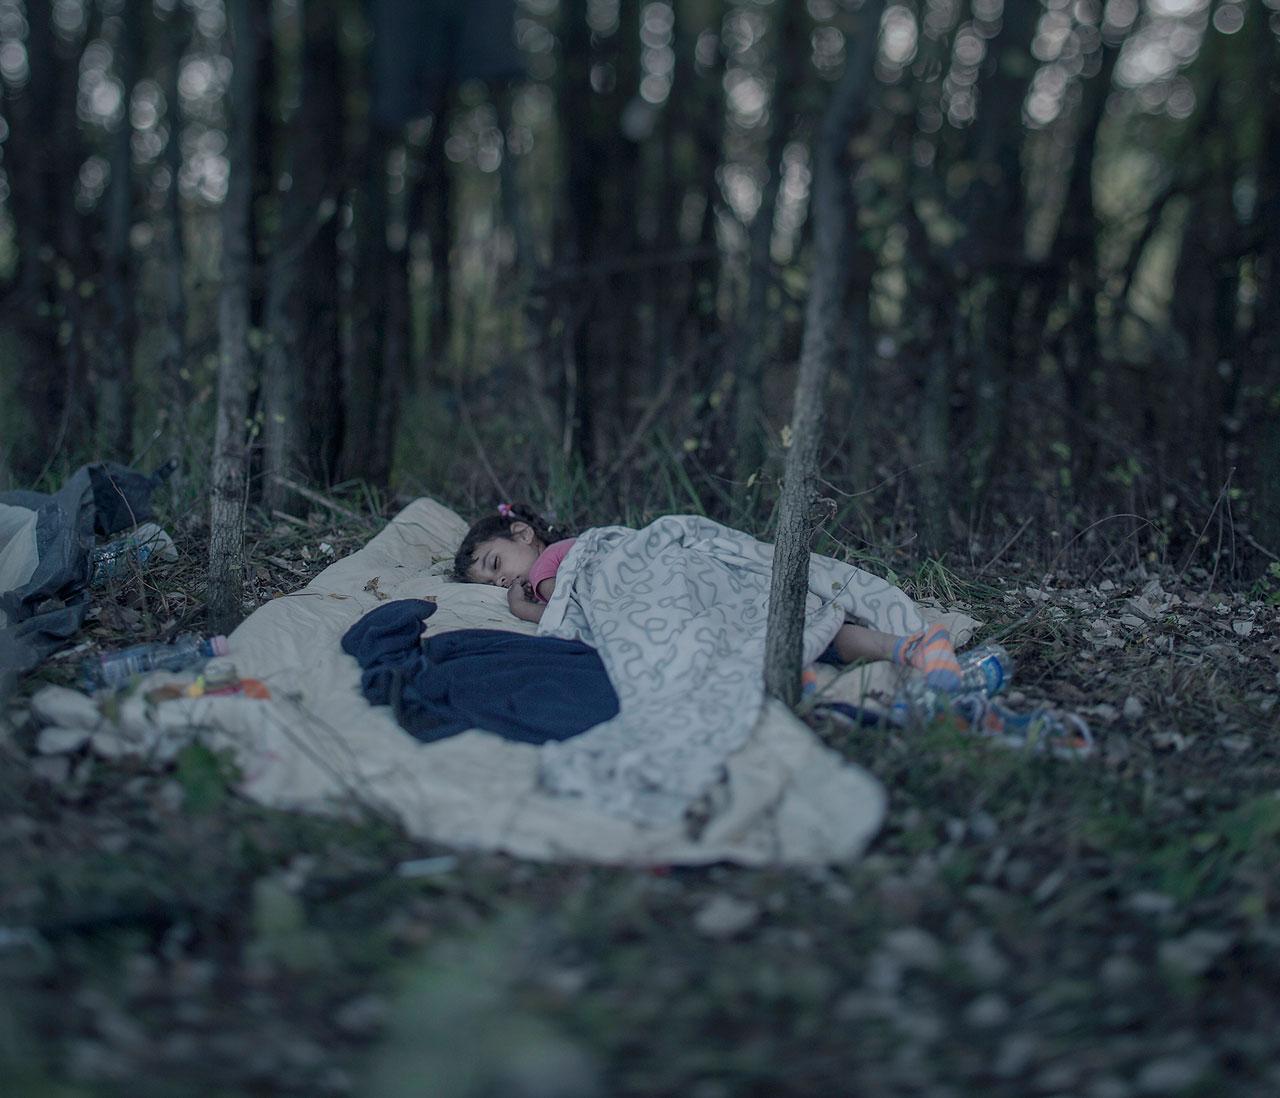 Mit dem zweiten Preis wurde die Serie »Wo die Kinder schlafen« des schwedischen Fotografen Magnus Wennman ausgezeichnet. Foto: Magnus Wennman